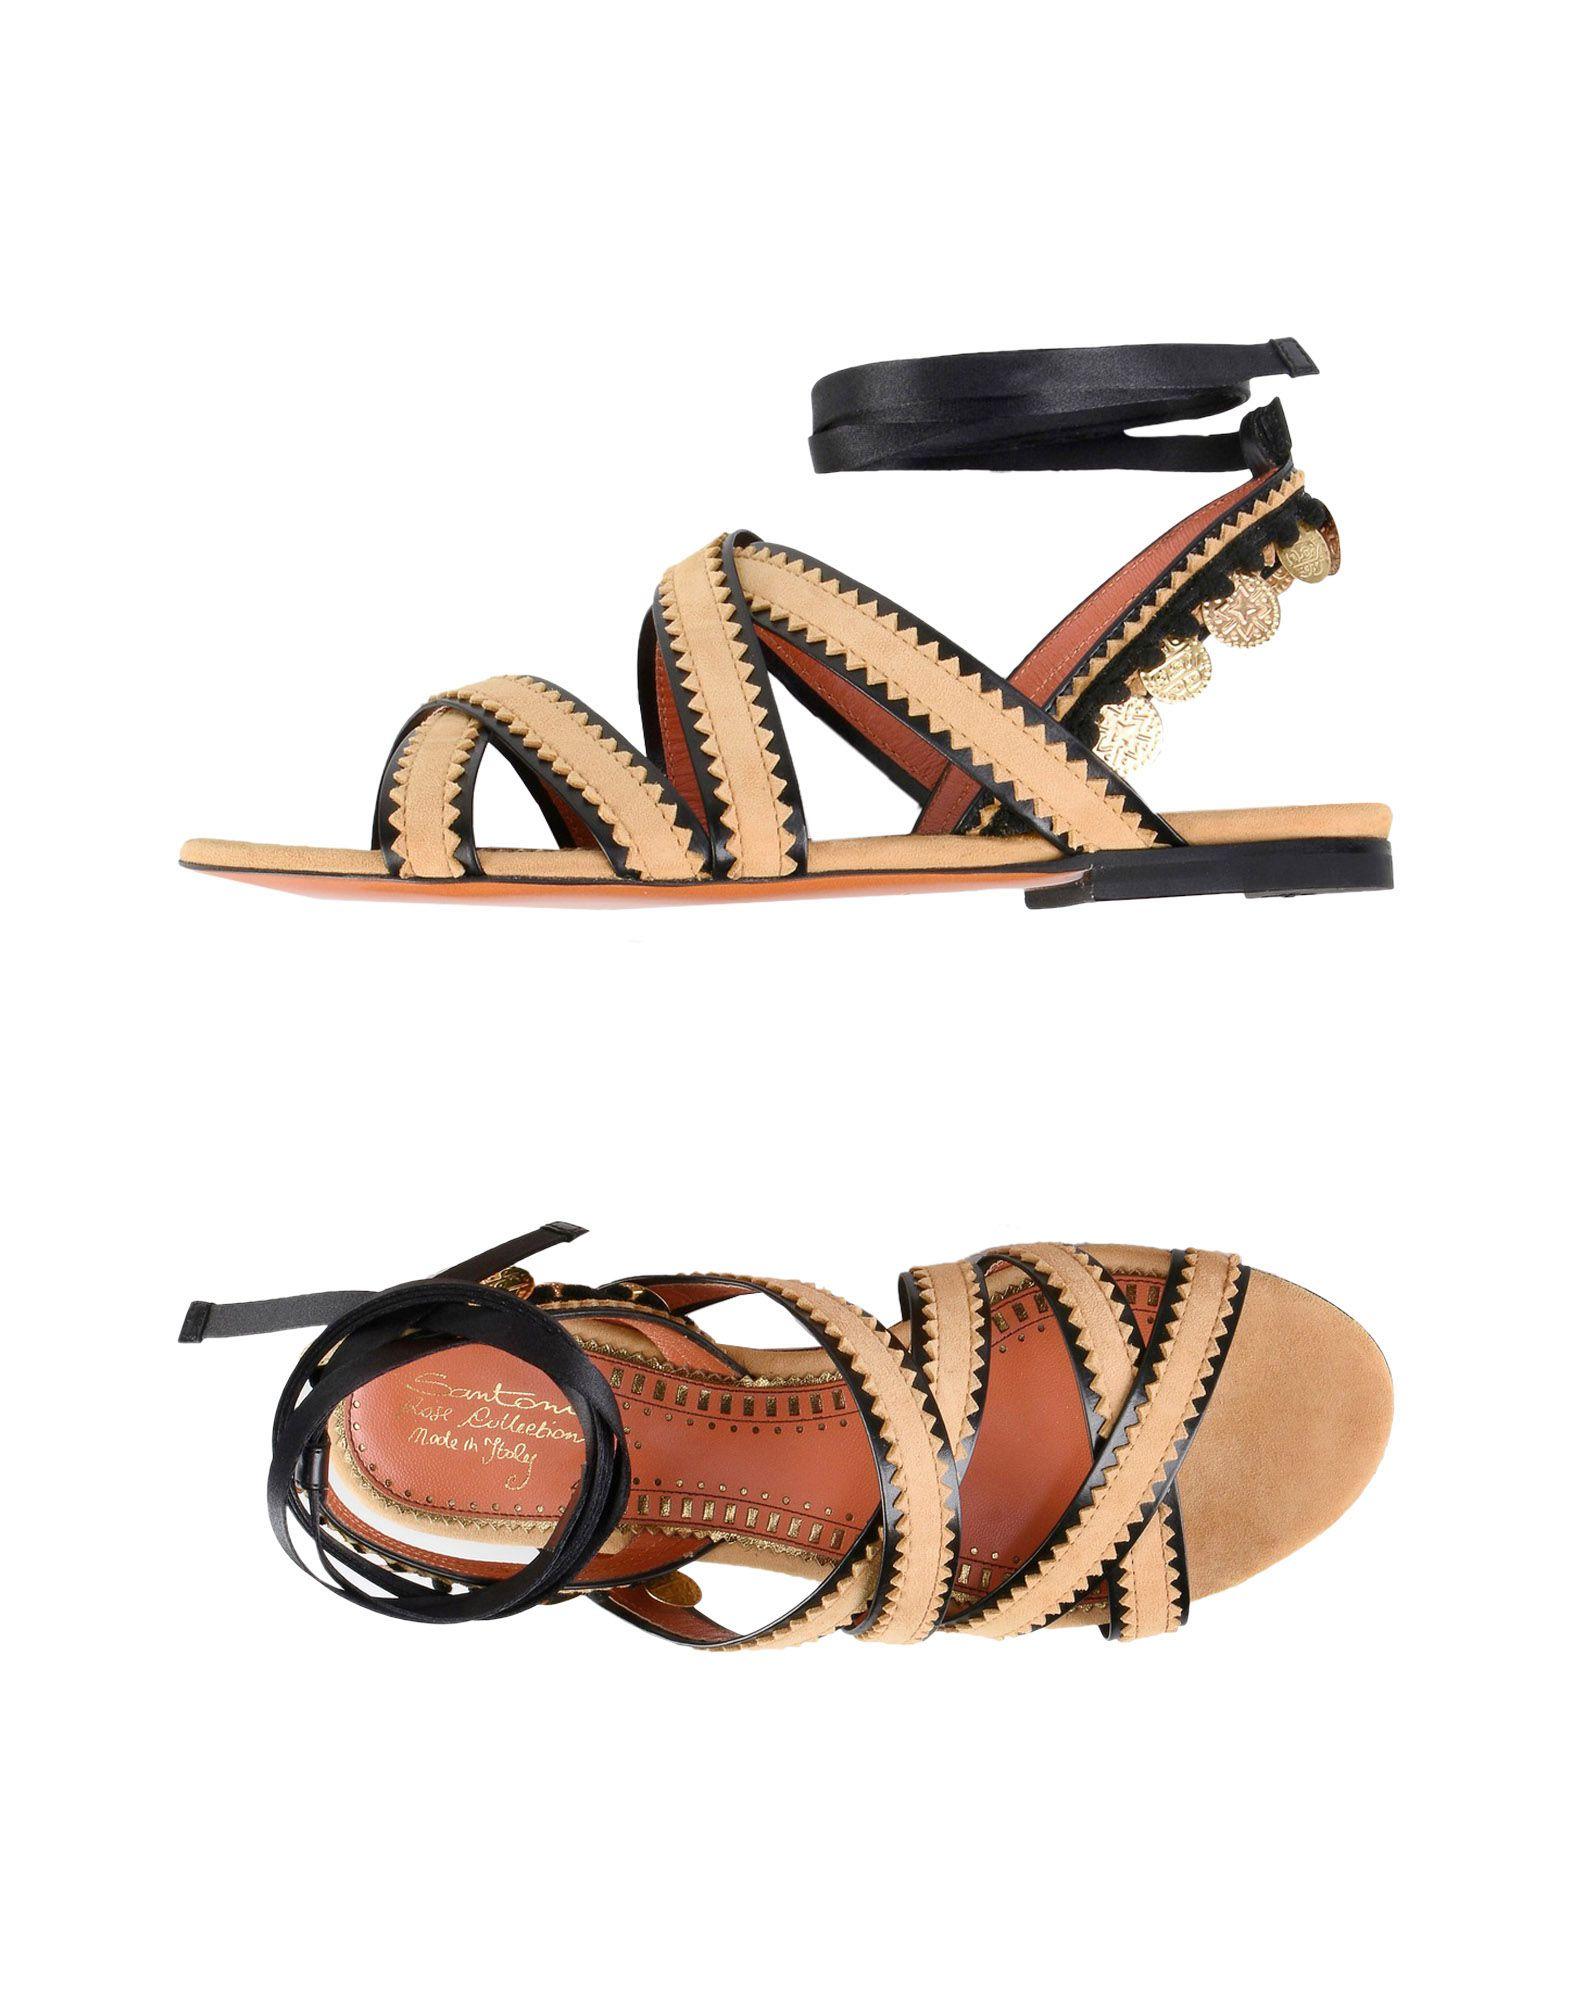 Sandales Santoni Femme - Sandales Santoni sur